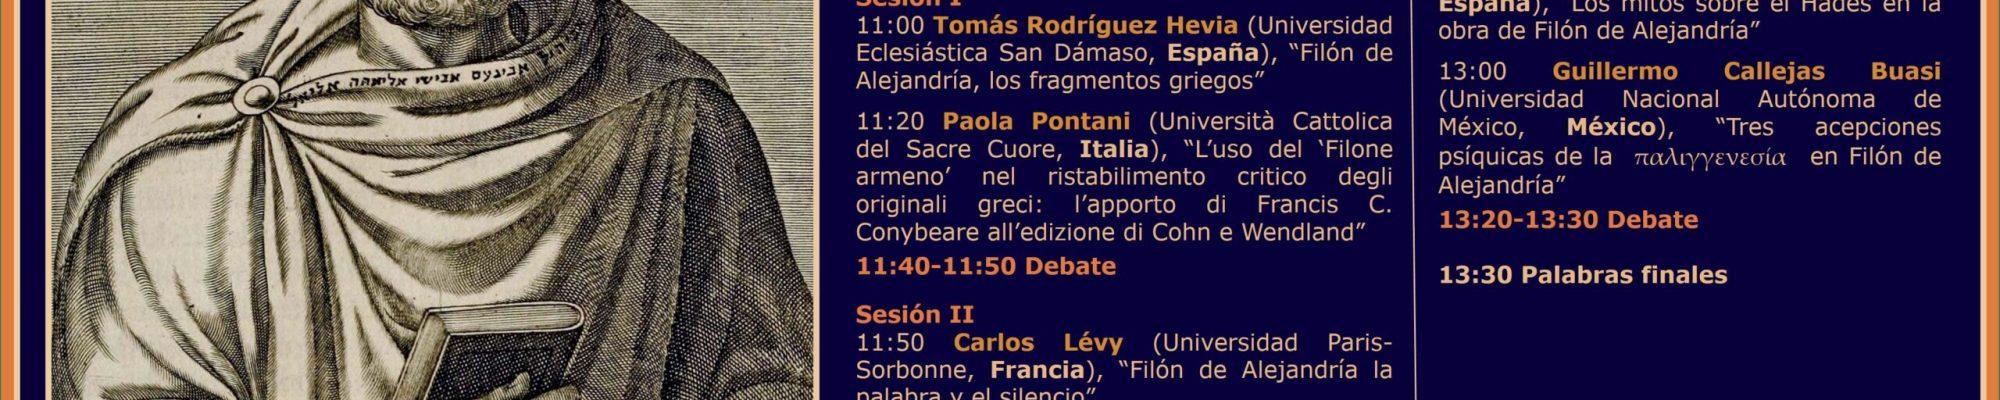 2.-Programa-Primer-Congreso-Internacional-sore-Filón-de-Alejandría